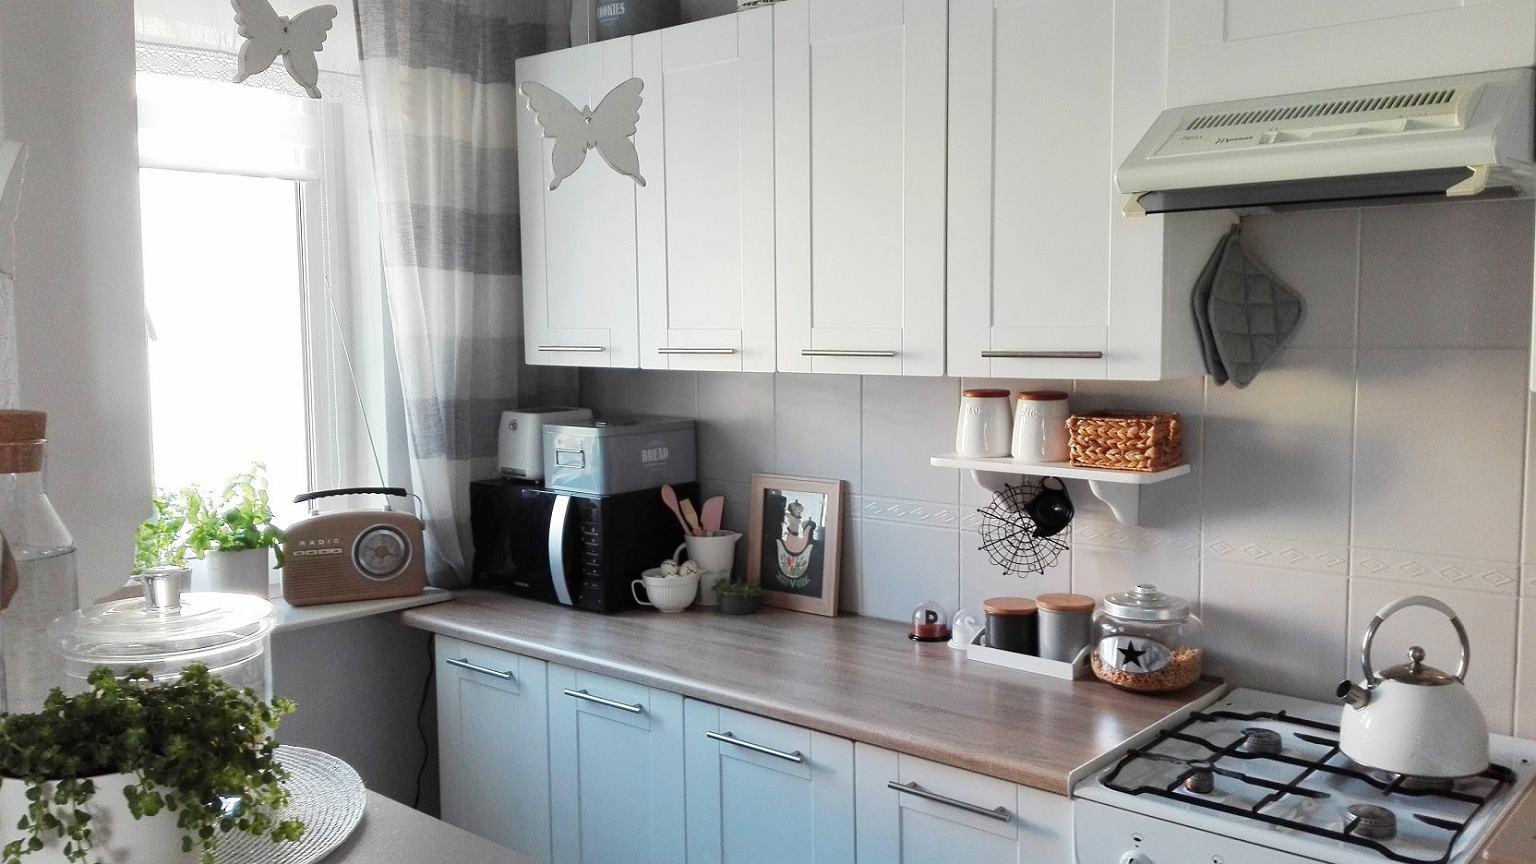 kuchnia w bloku czyli metamorfoza w mieszkaniu olgi